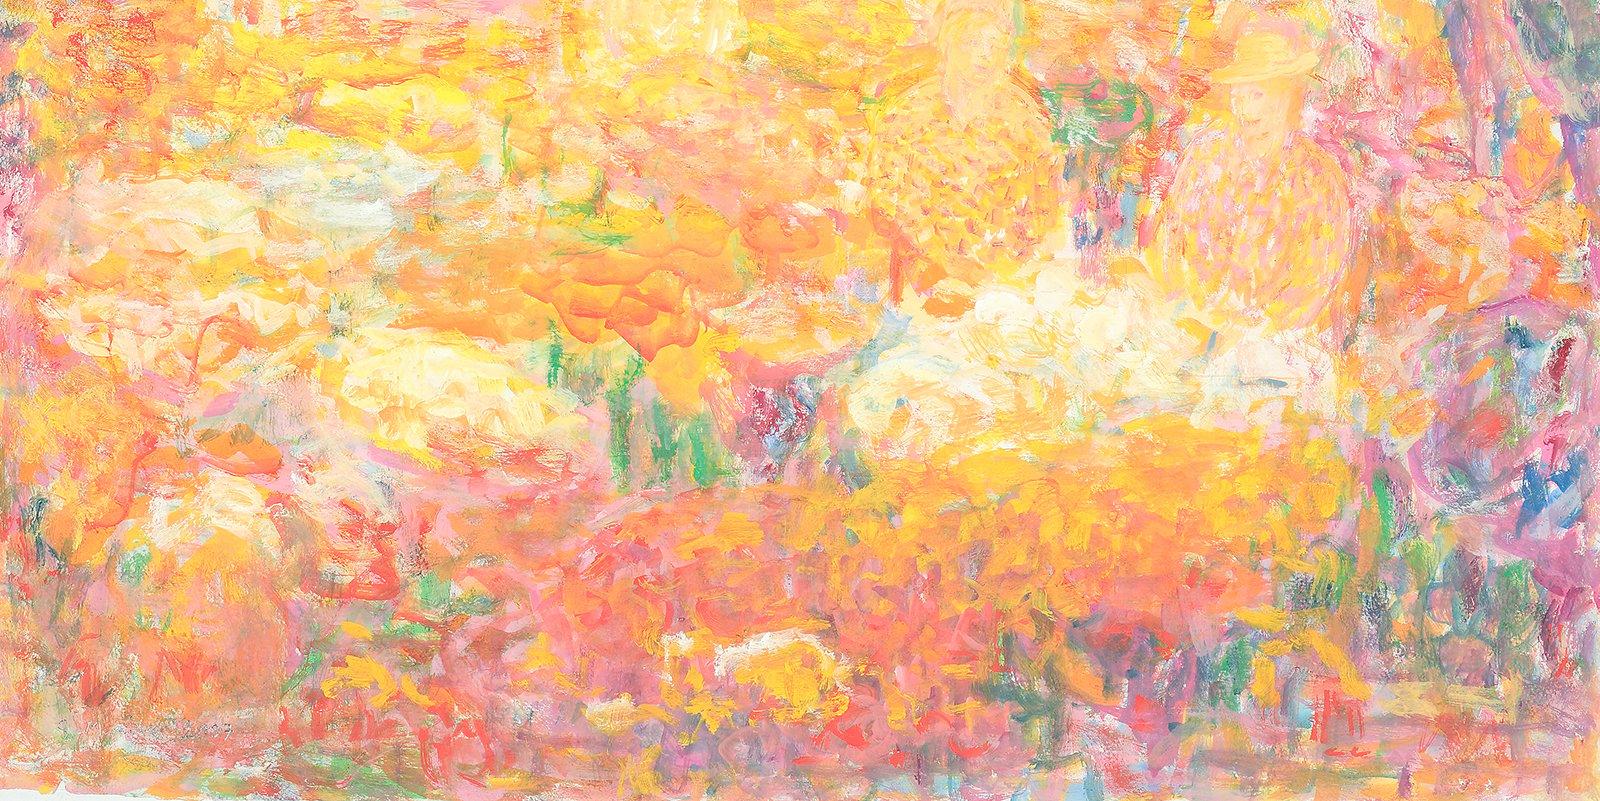 Yksityiskohta taidemaalari Sakari Marilan teoksesta.